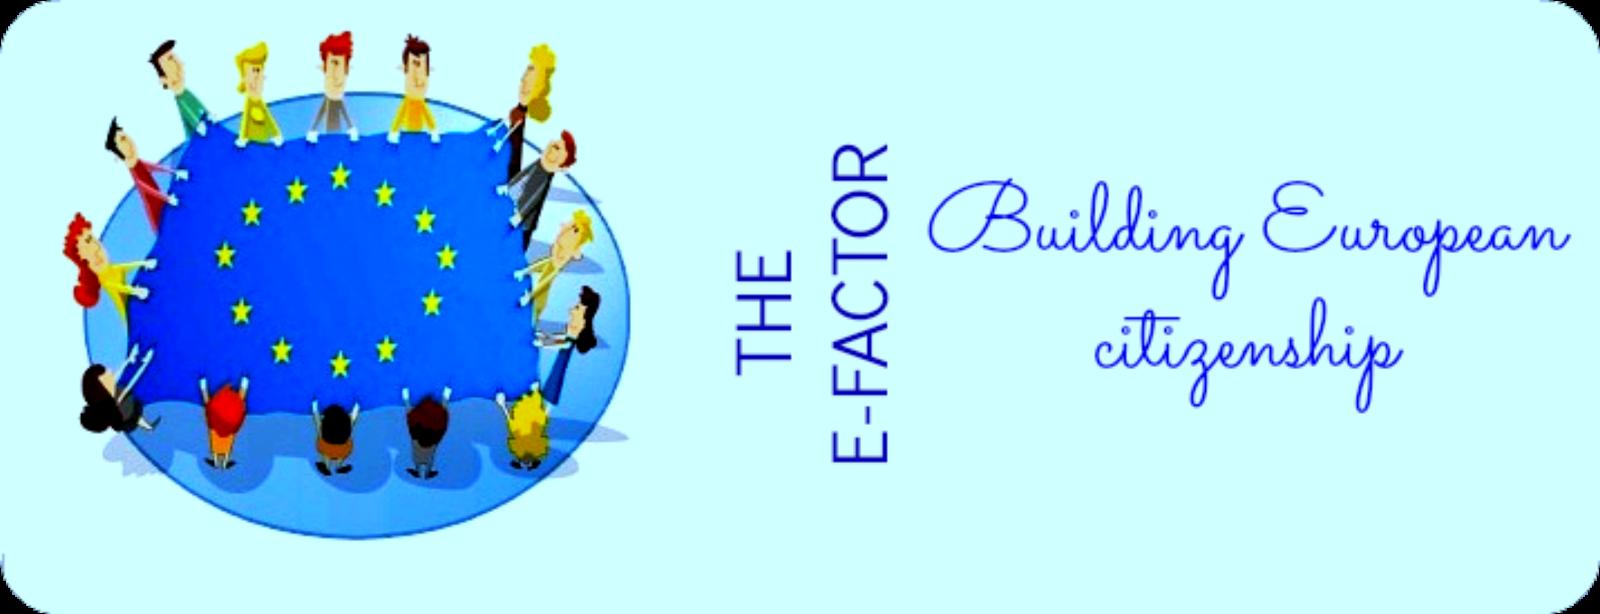 THE E-FACTOR: BUILDING EUROPEAN CITIZENSHIP